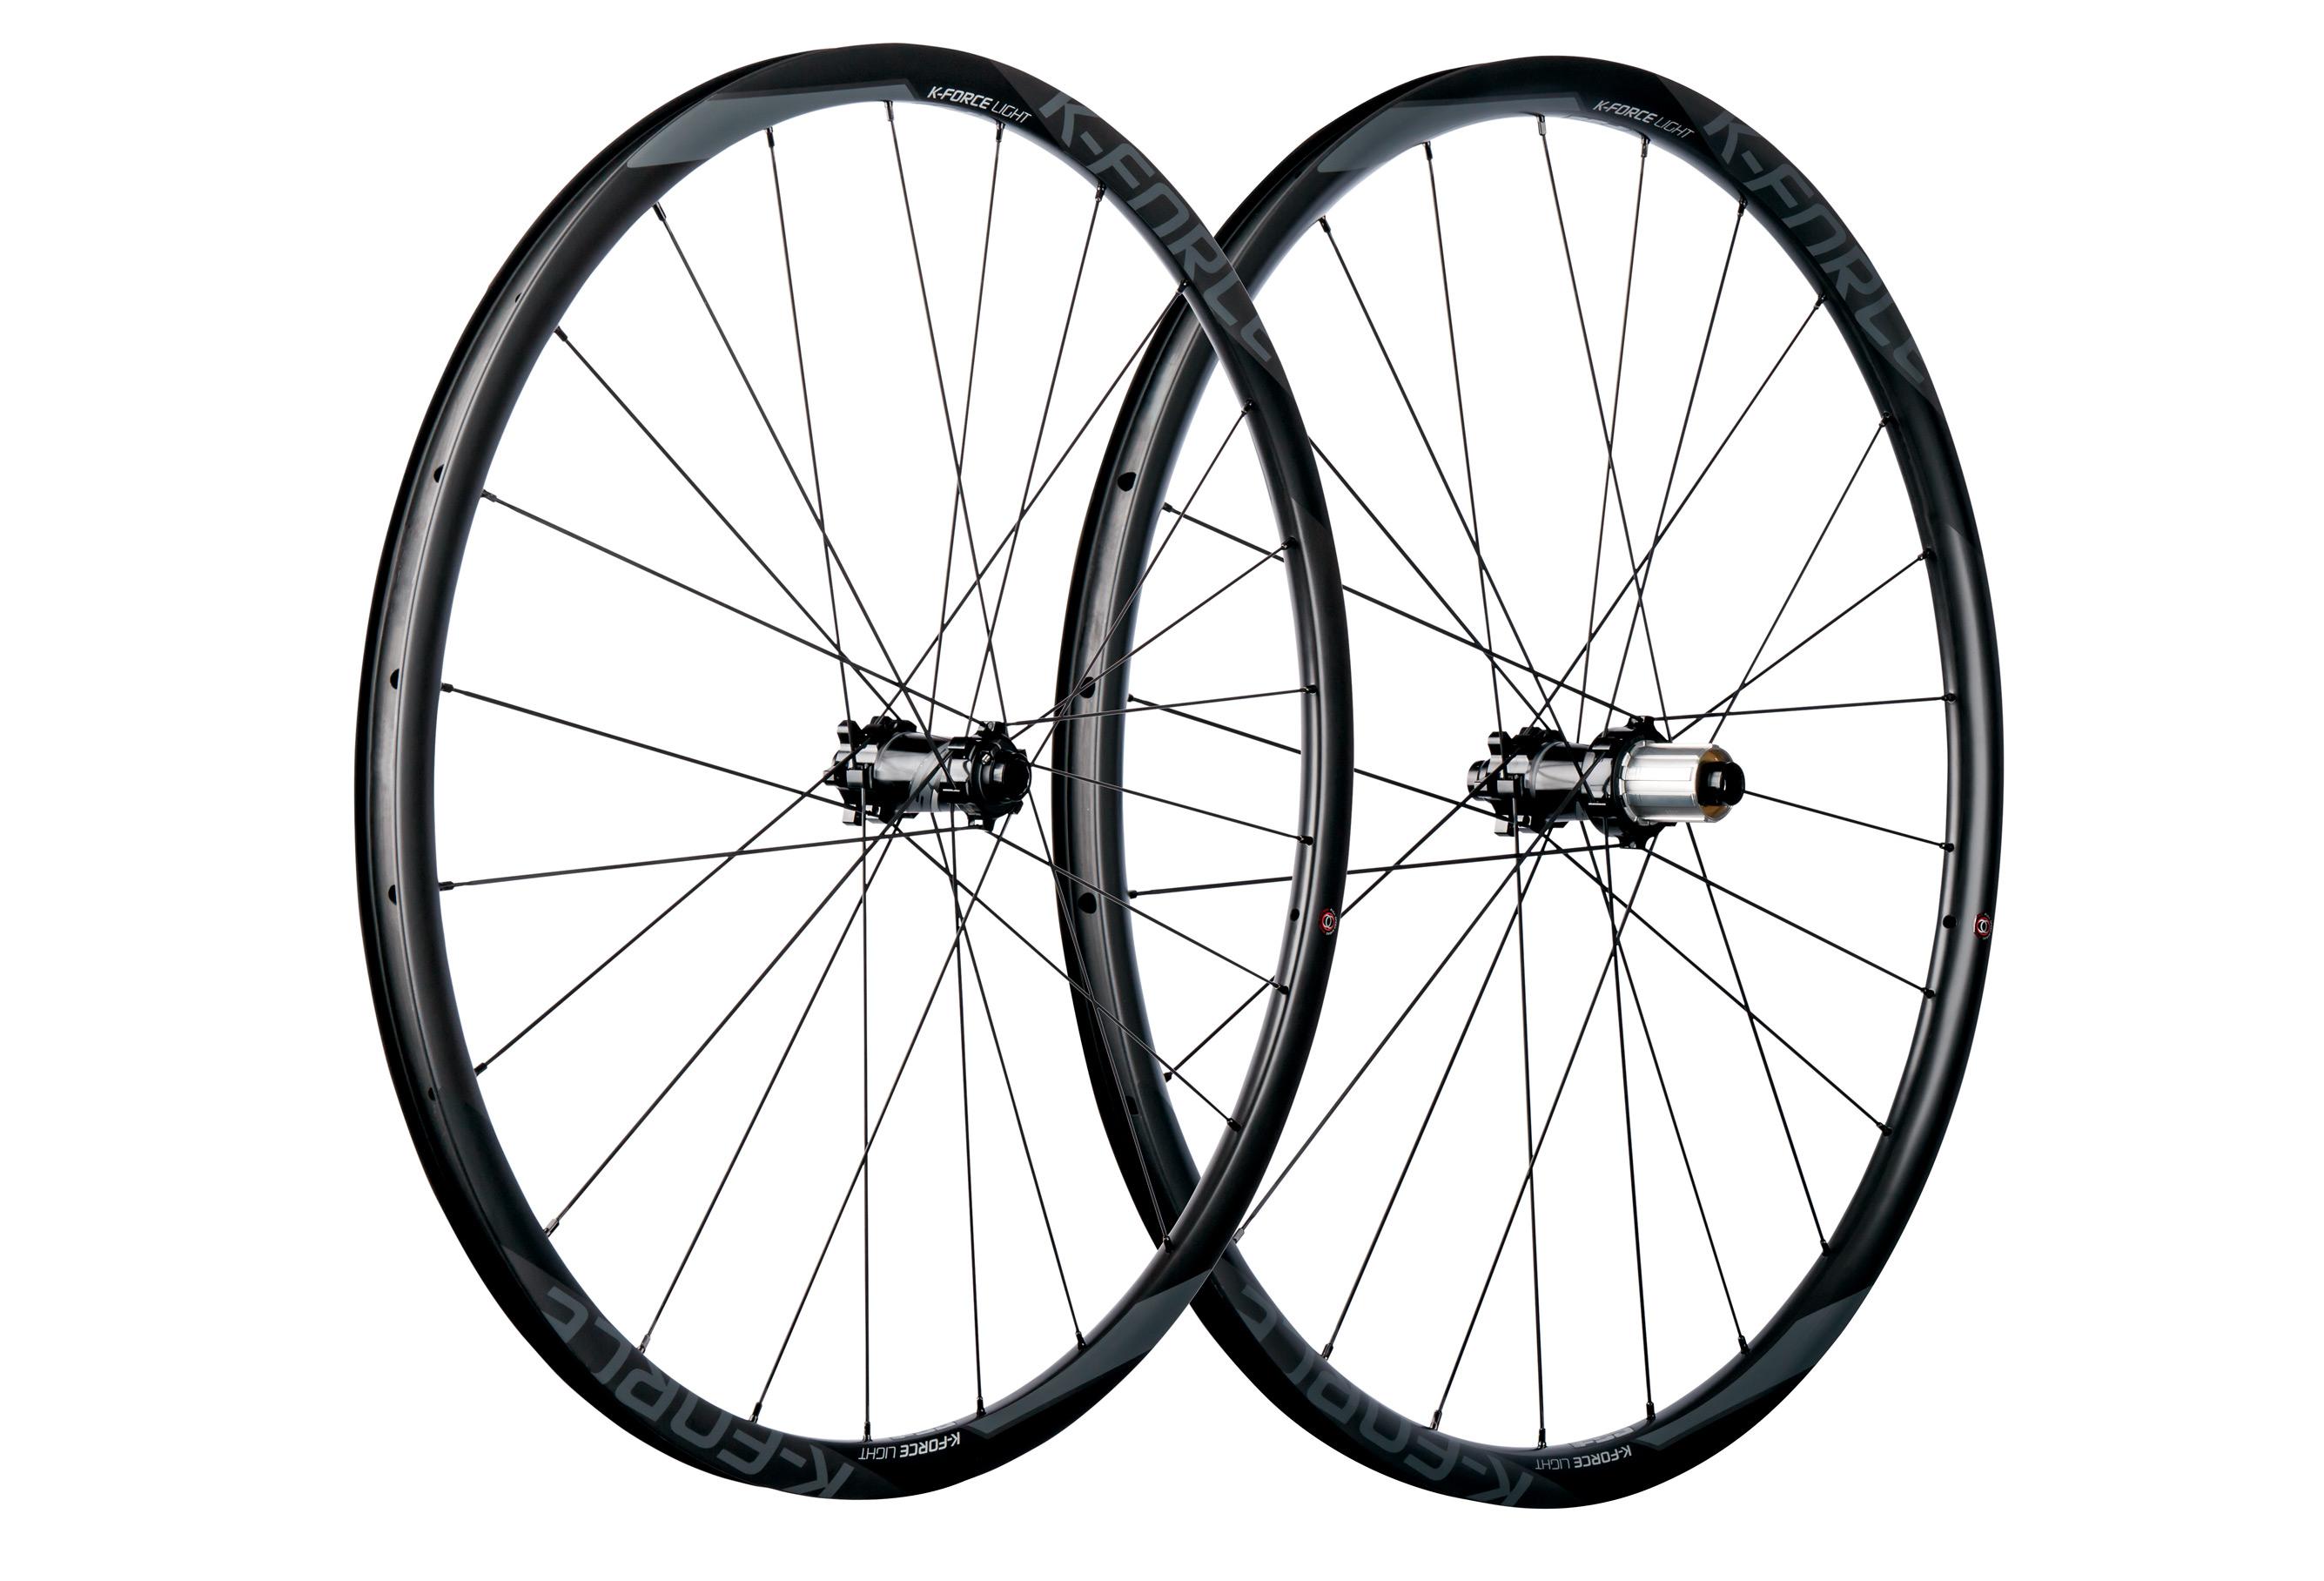 Fsa Wheelset K Force Light Carbon 29 Alltricks Com